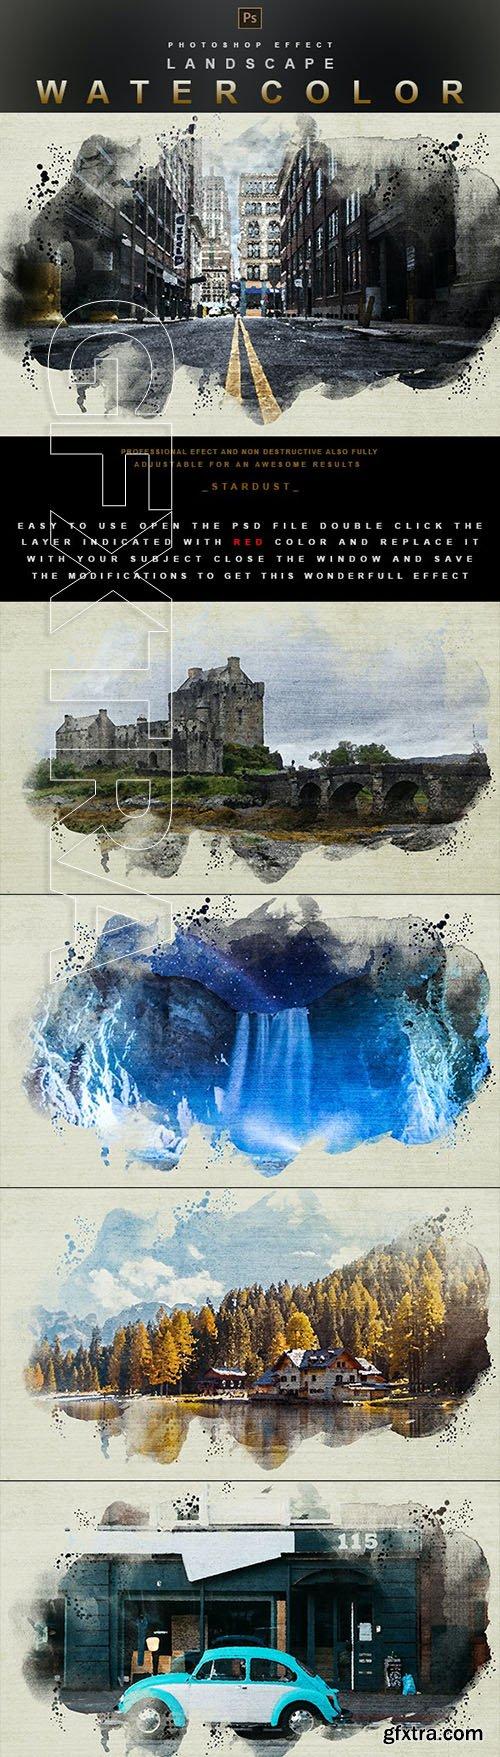 GraphicRiver - Landscape Watercolor - Photoshop Effect 29914082